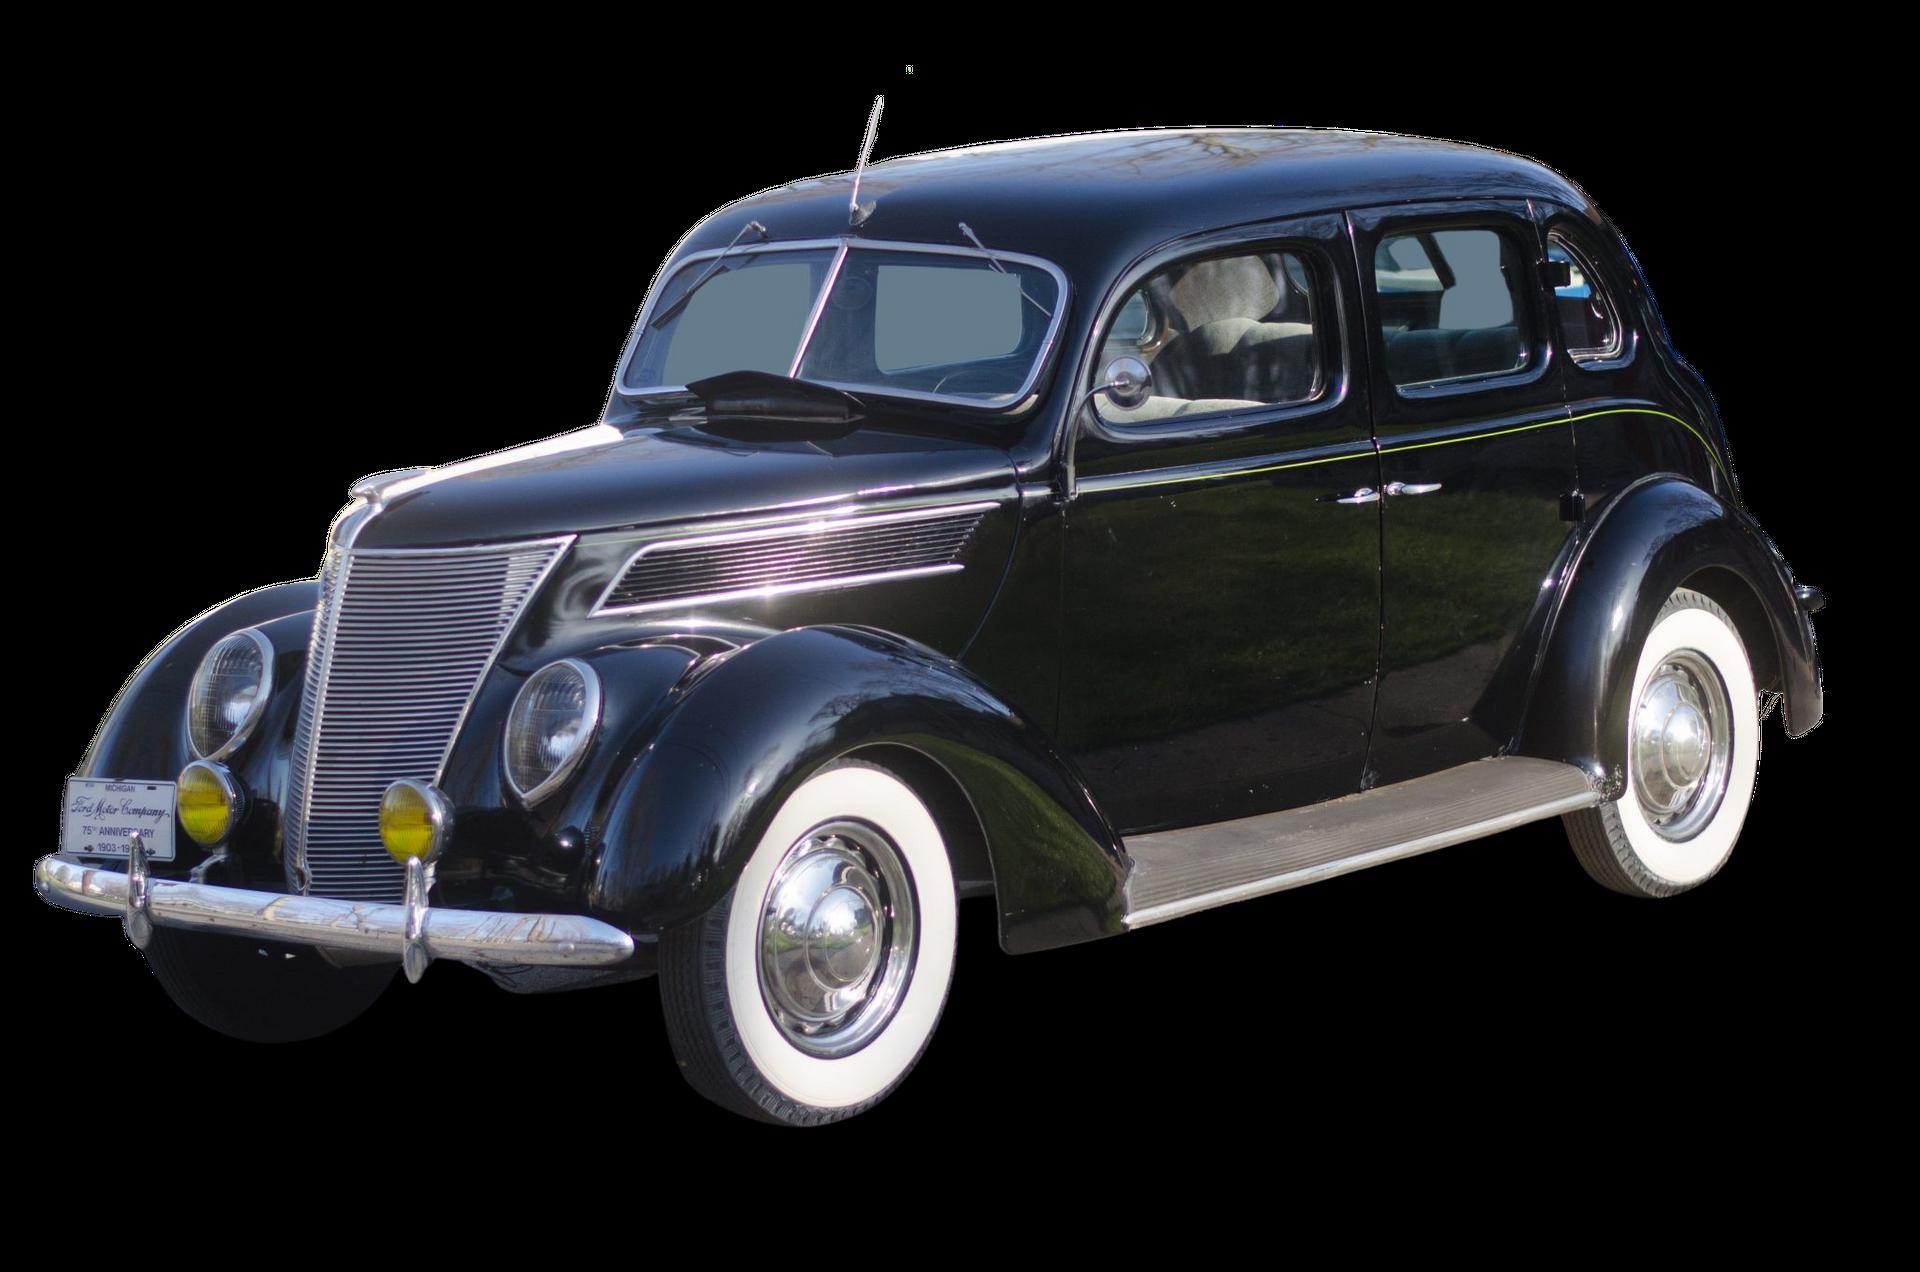 1937 Ford 1937 FORD MODEL 78 DELUXE FORDOR TOURING SEDAN